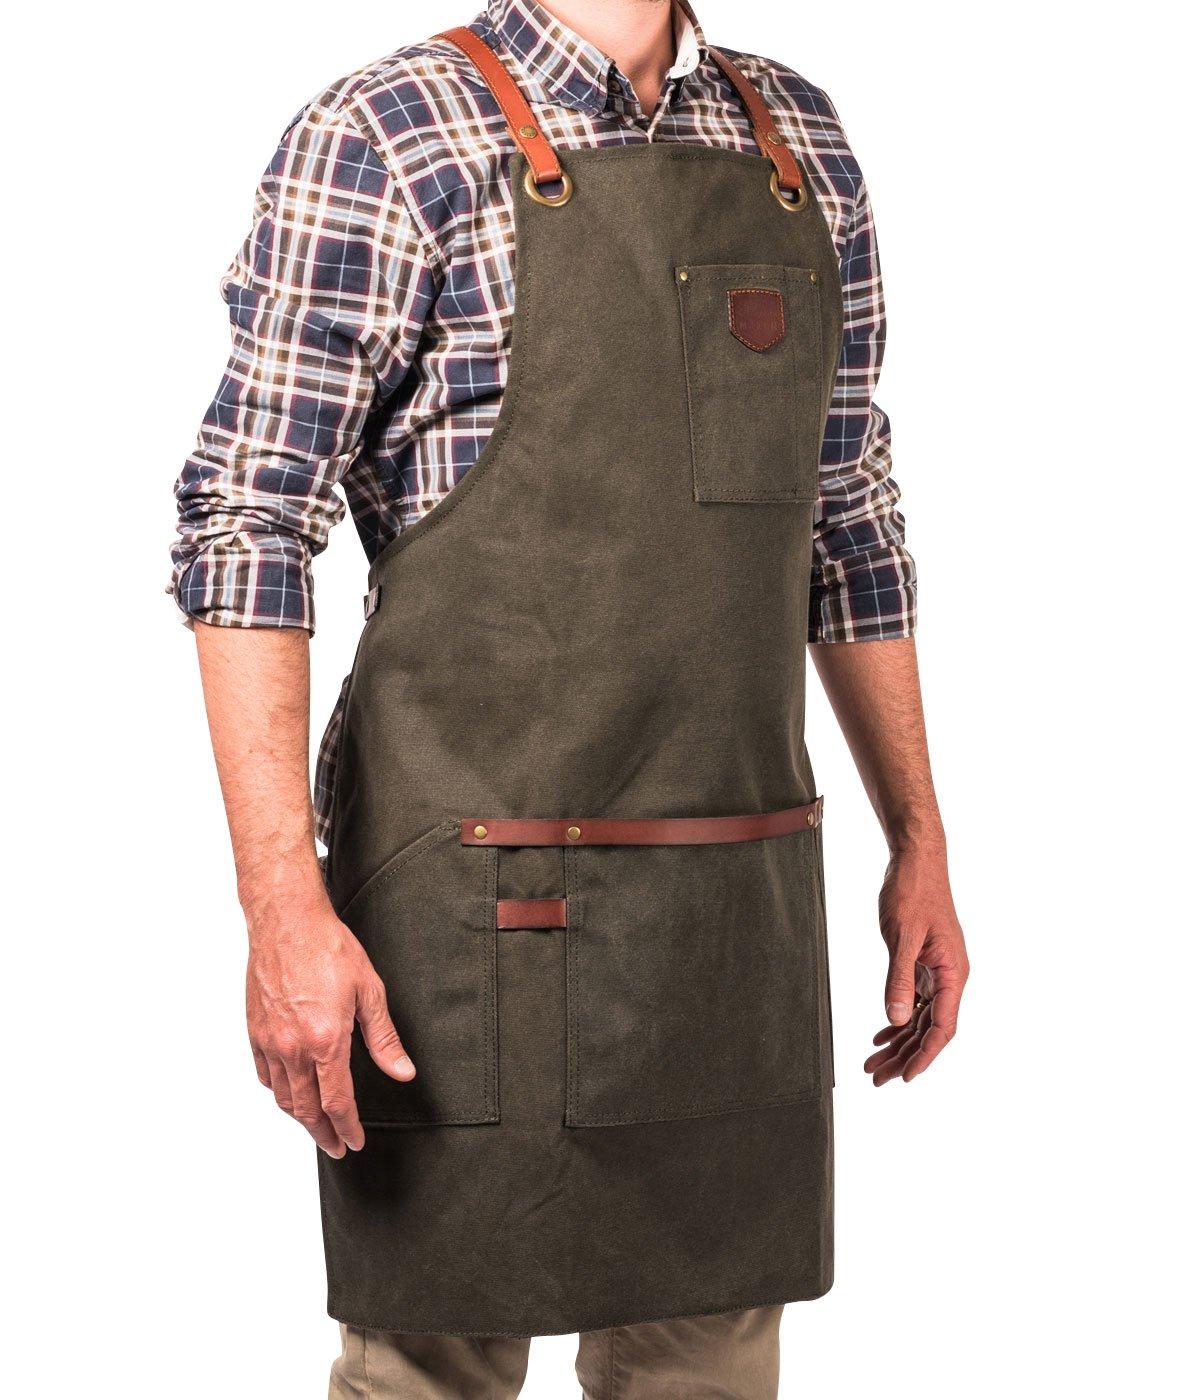 Alaskan MAKER Tablier Homme en Toile enduite et Cuir Multipoche N/°547 Bordeaux Bretelles Crois/ées Taille Universelle